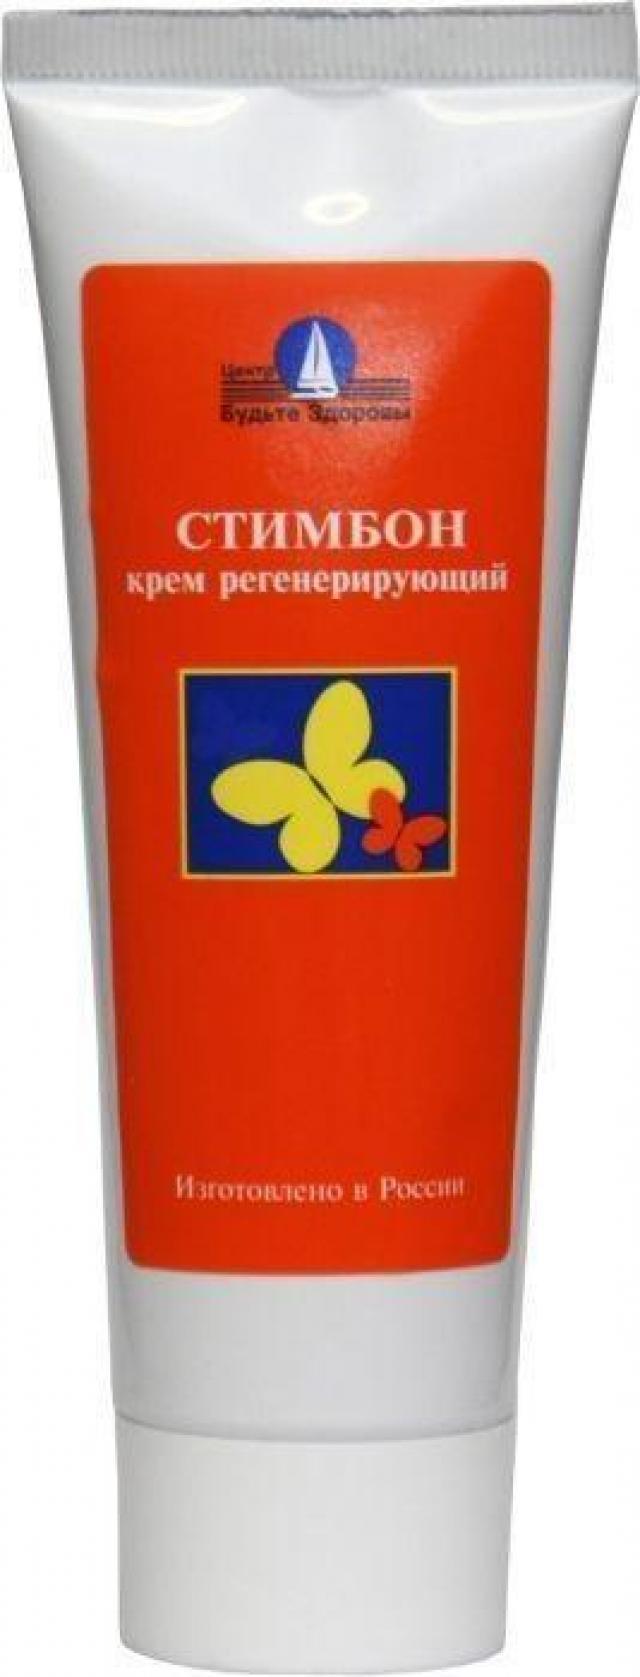 Пектибон крем 75мл купить в Москве по цене от 0 рублей